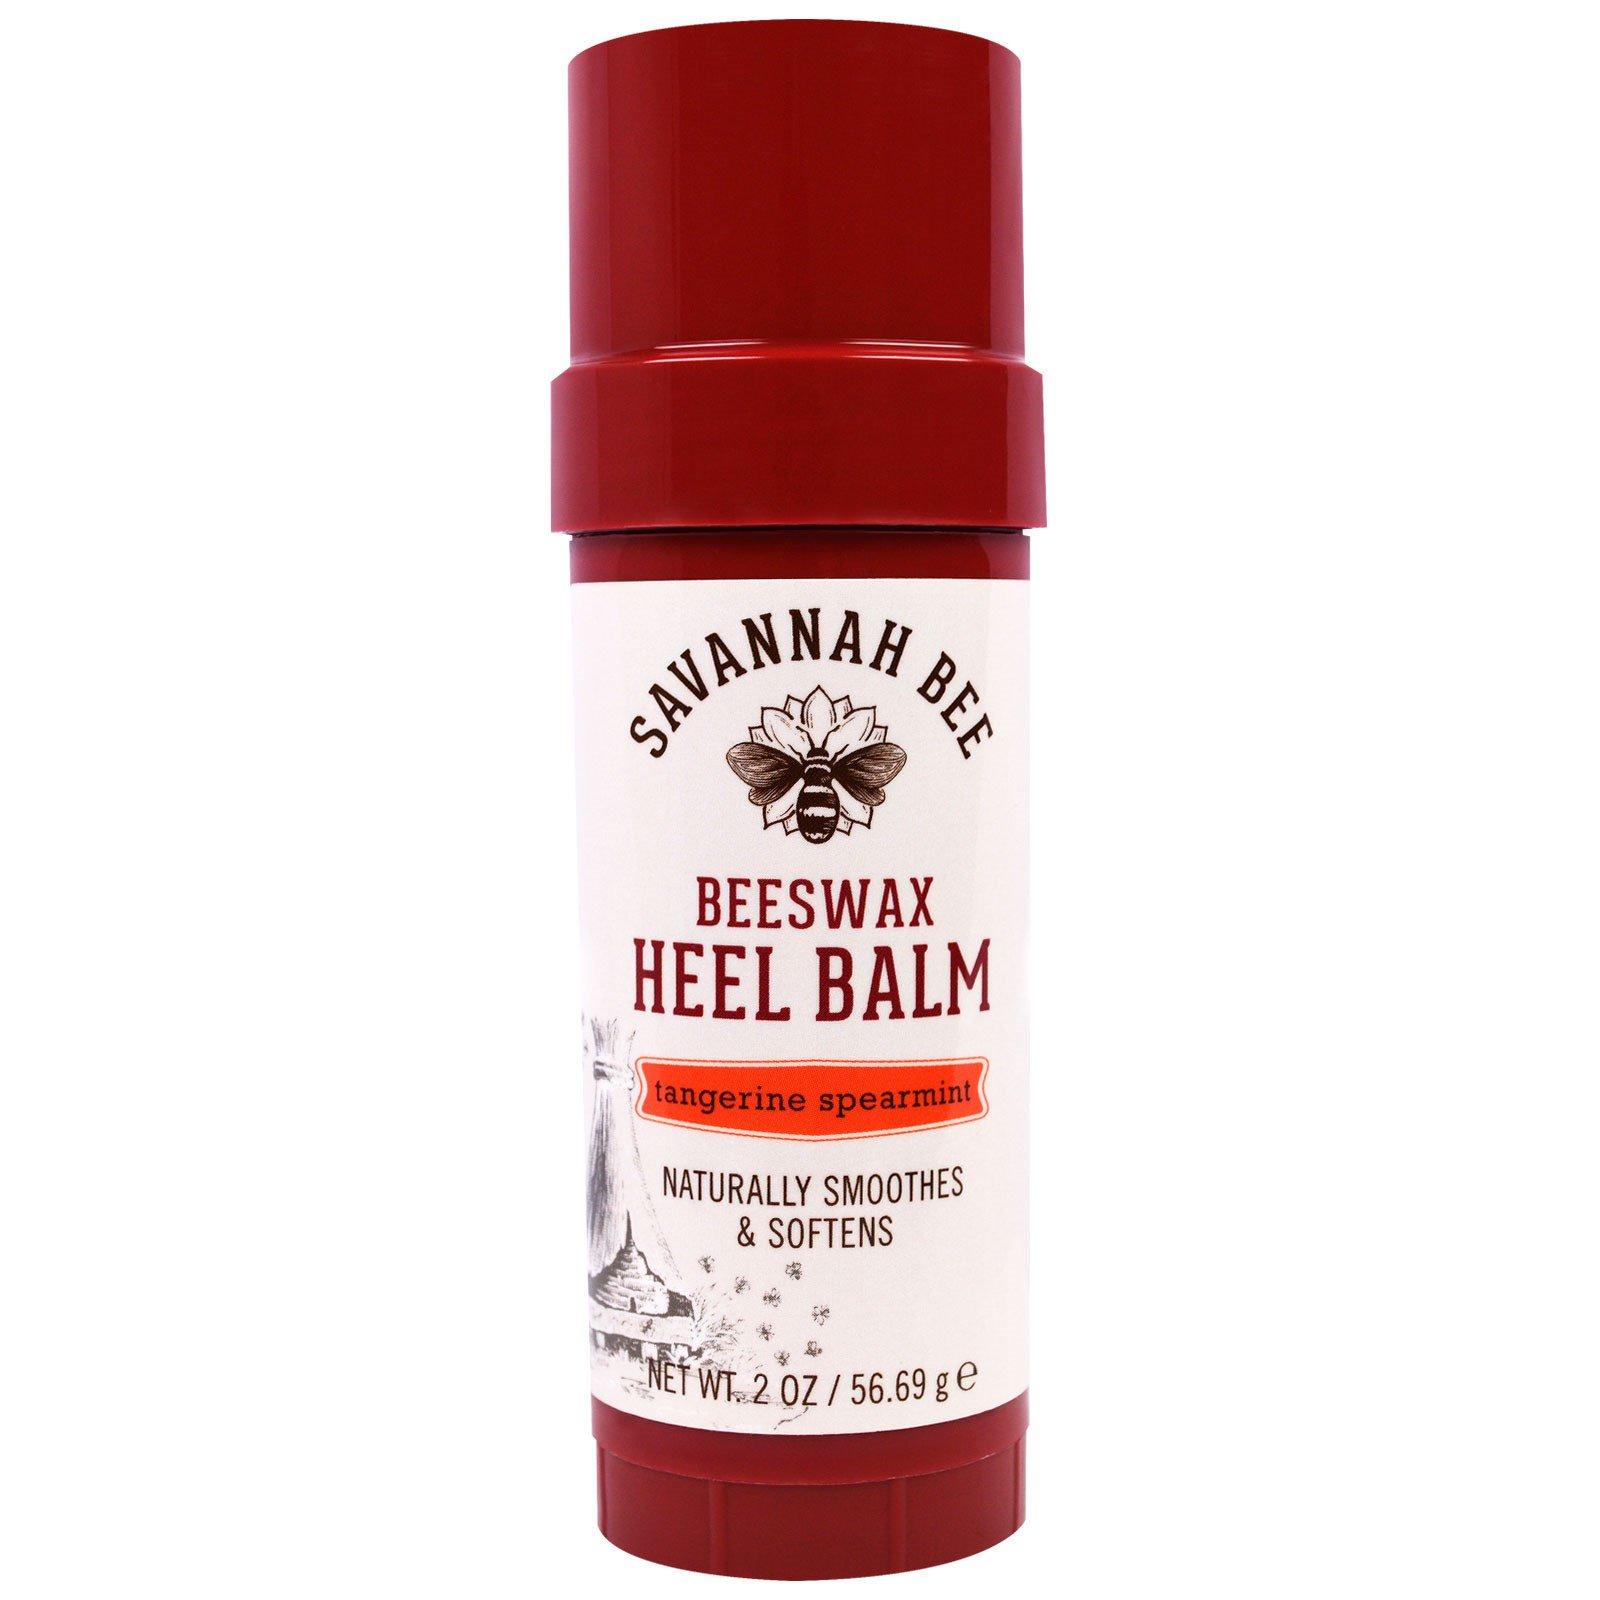 Savannah Bee Company Inc, Бальзам для ног на основе пчелиного воска с ароматом мандарина и мяты, 2 унции (56,69 г)